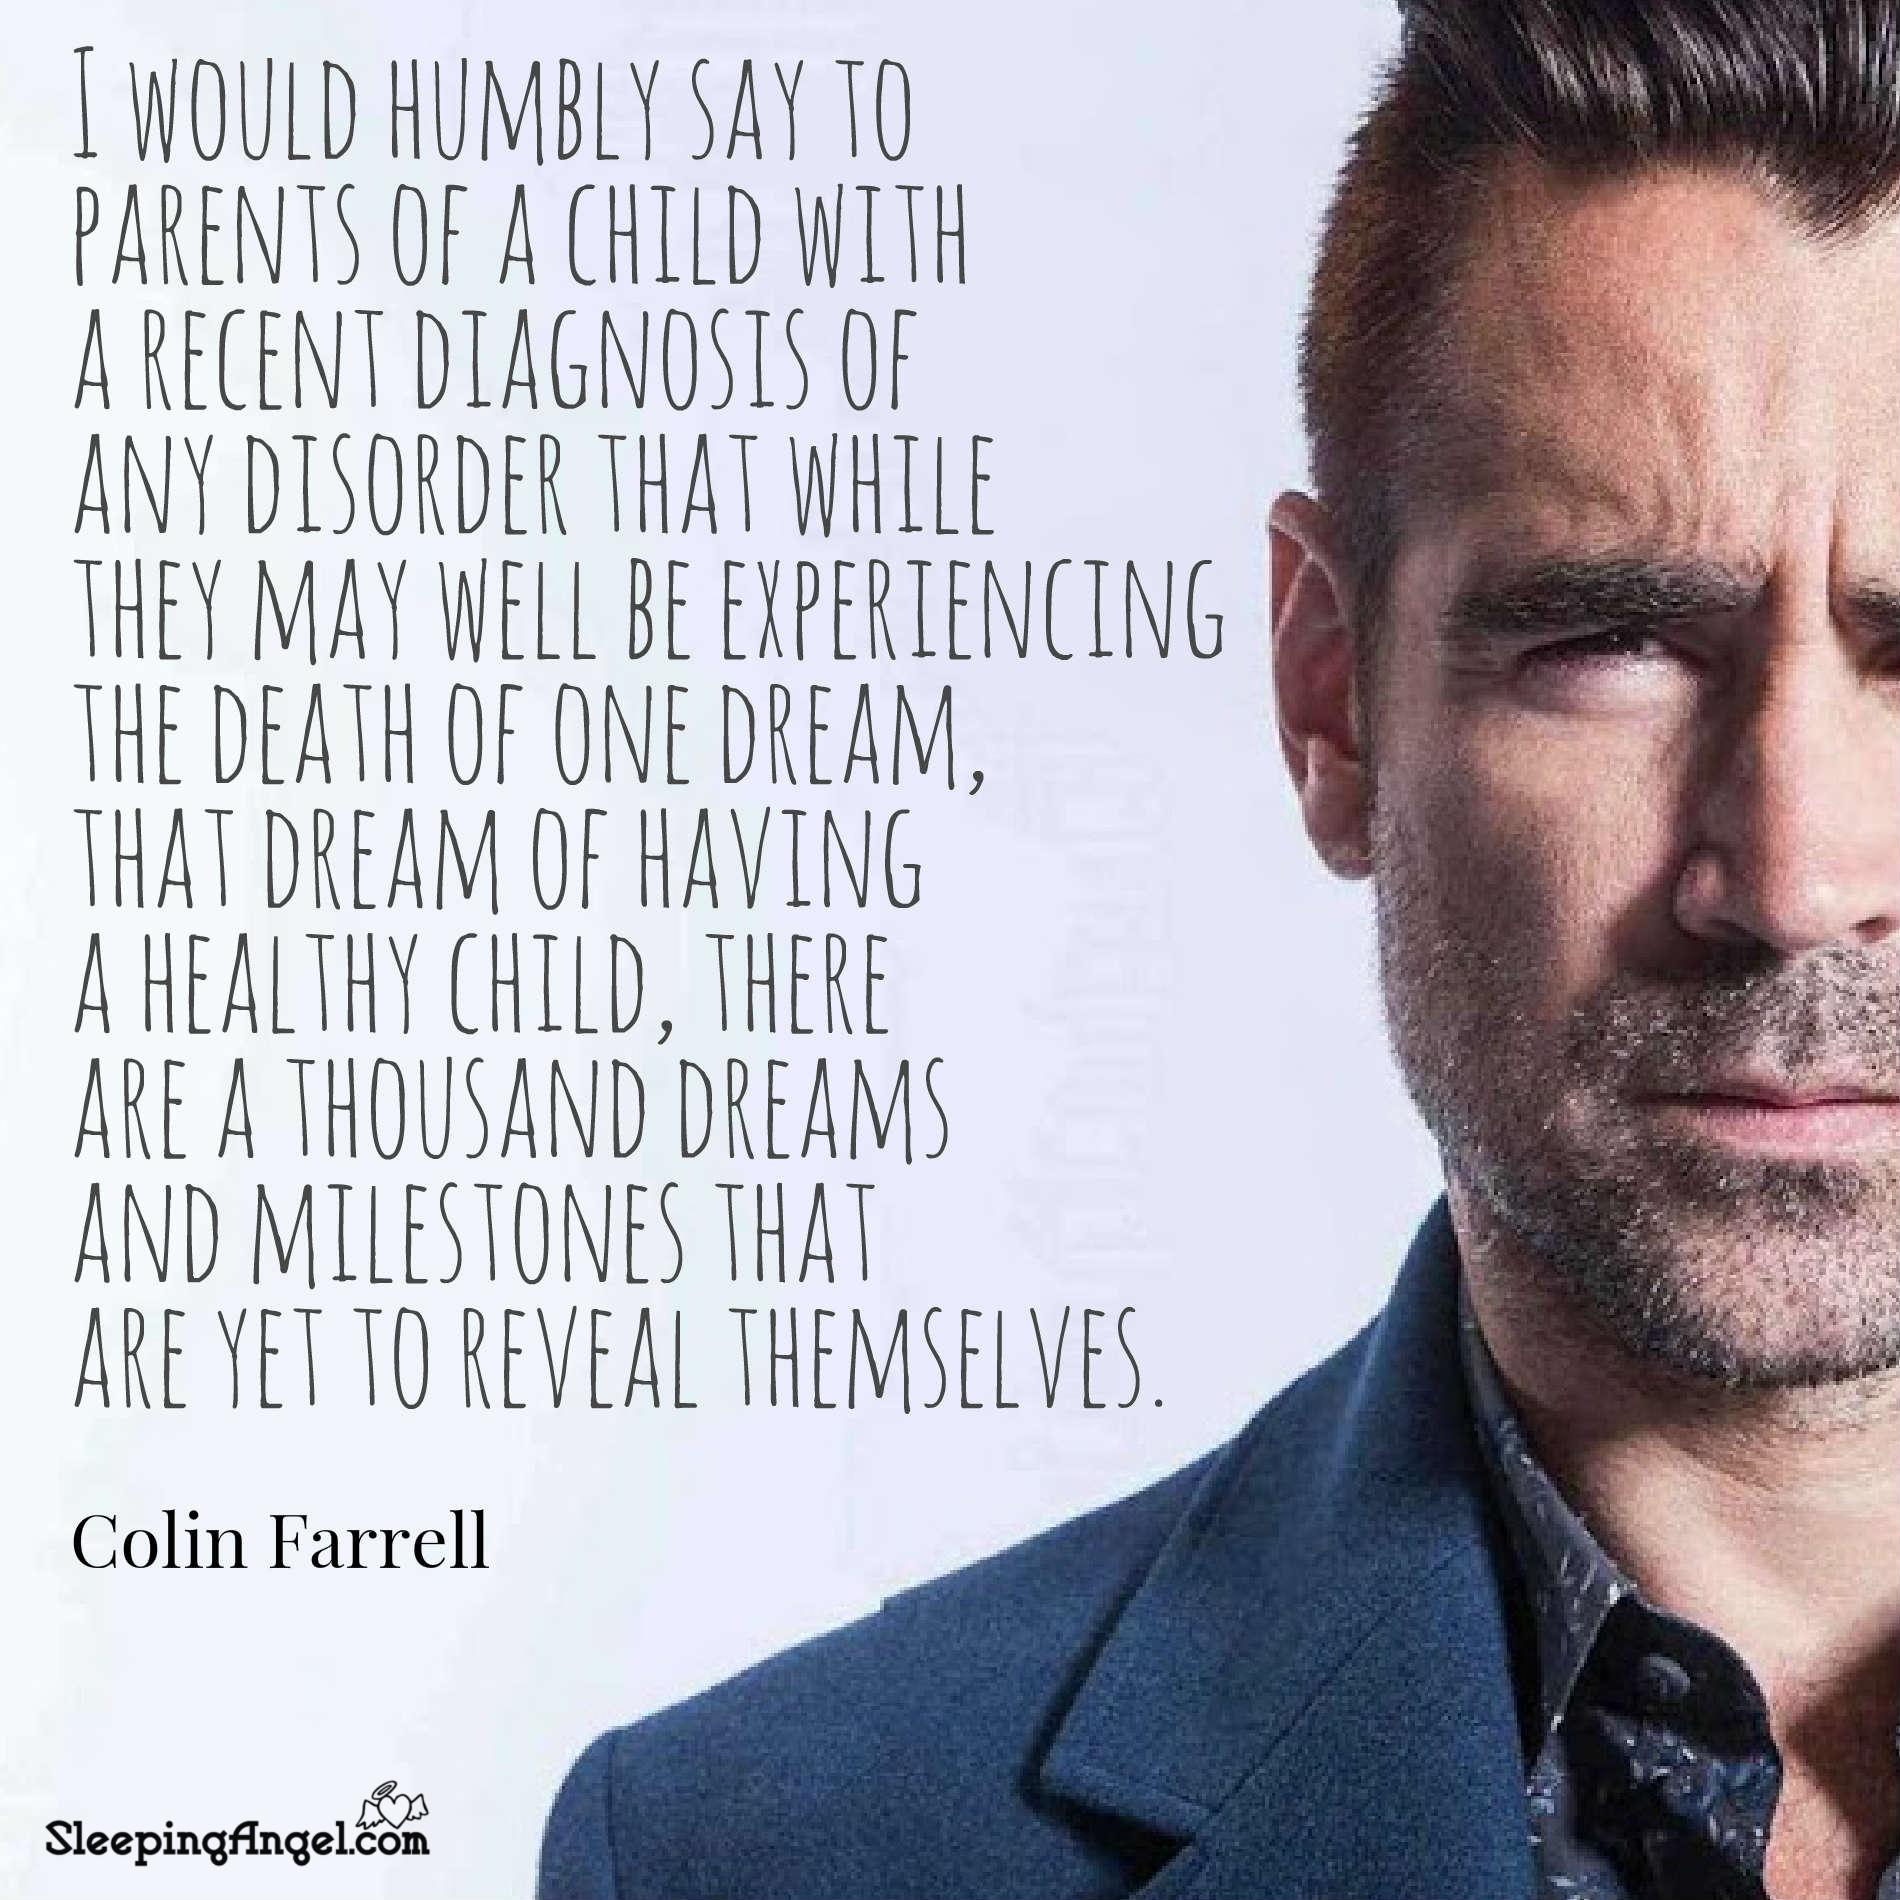 Colin Farrell Quote